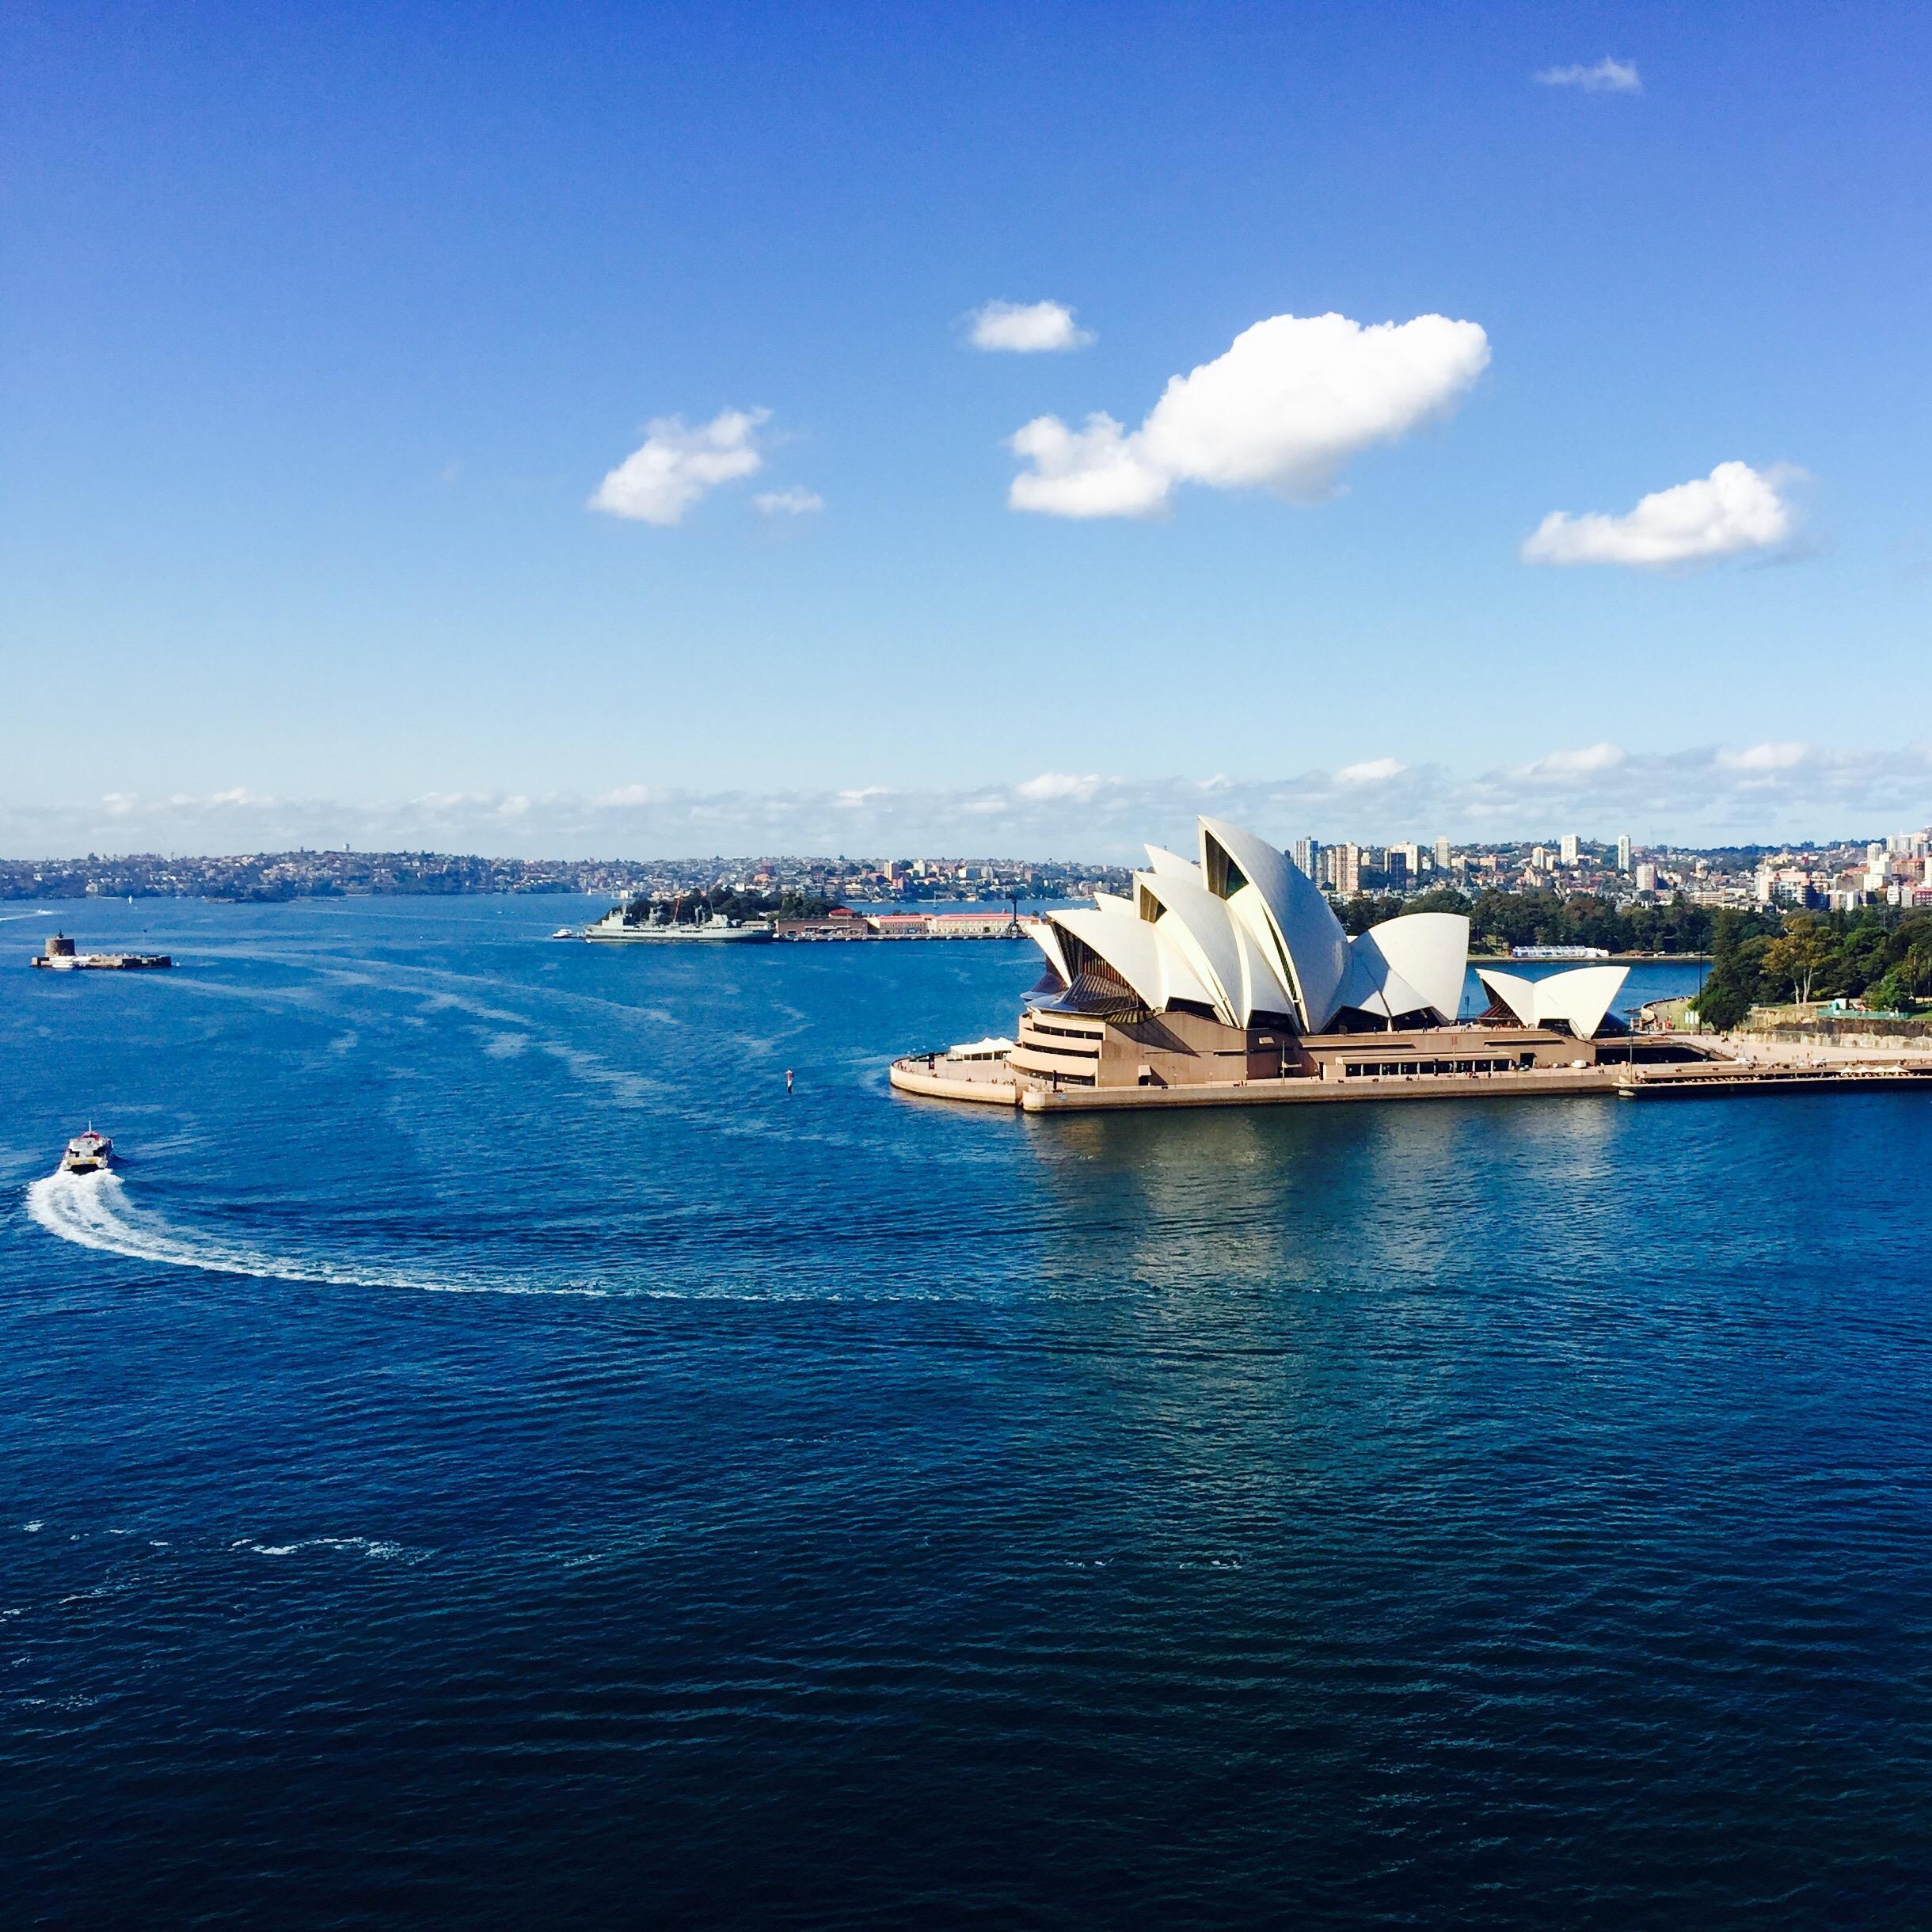 六层楼   澳大利亚,我们一路向北